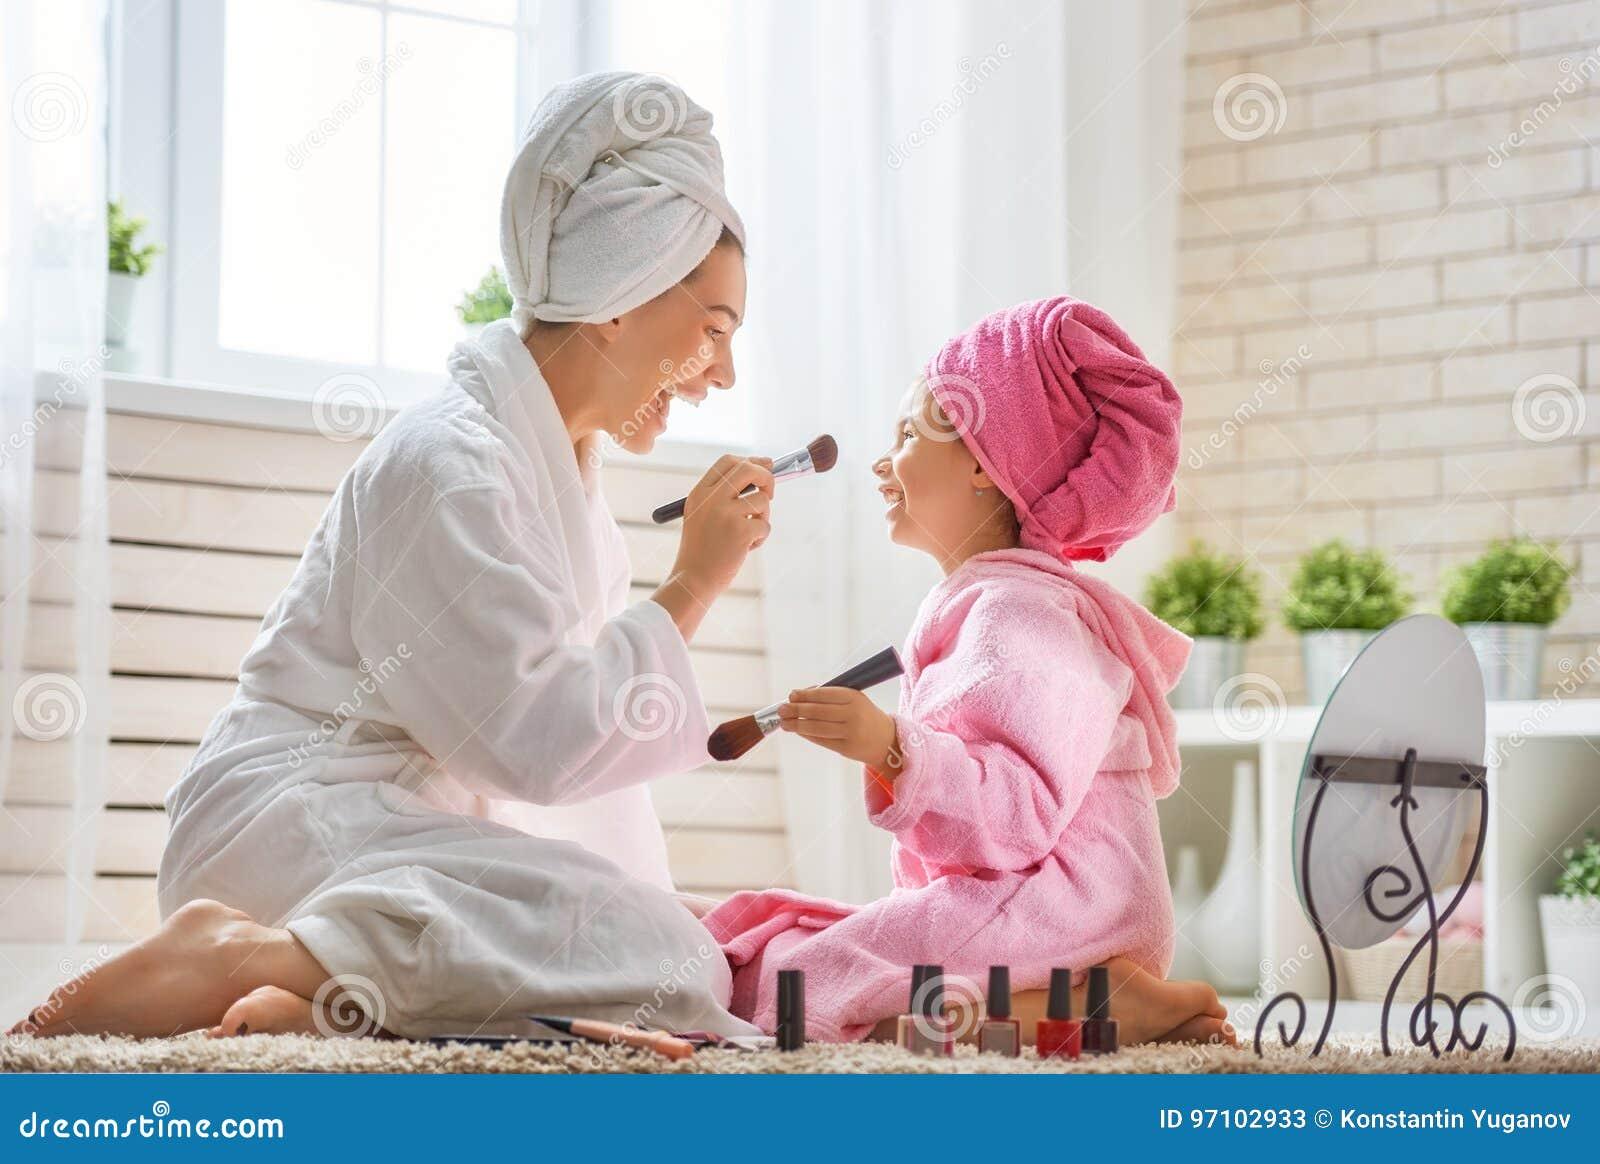 Matka i córka robimy uzupełnialiśmy